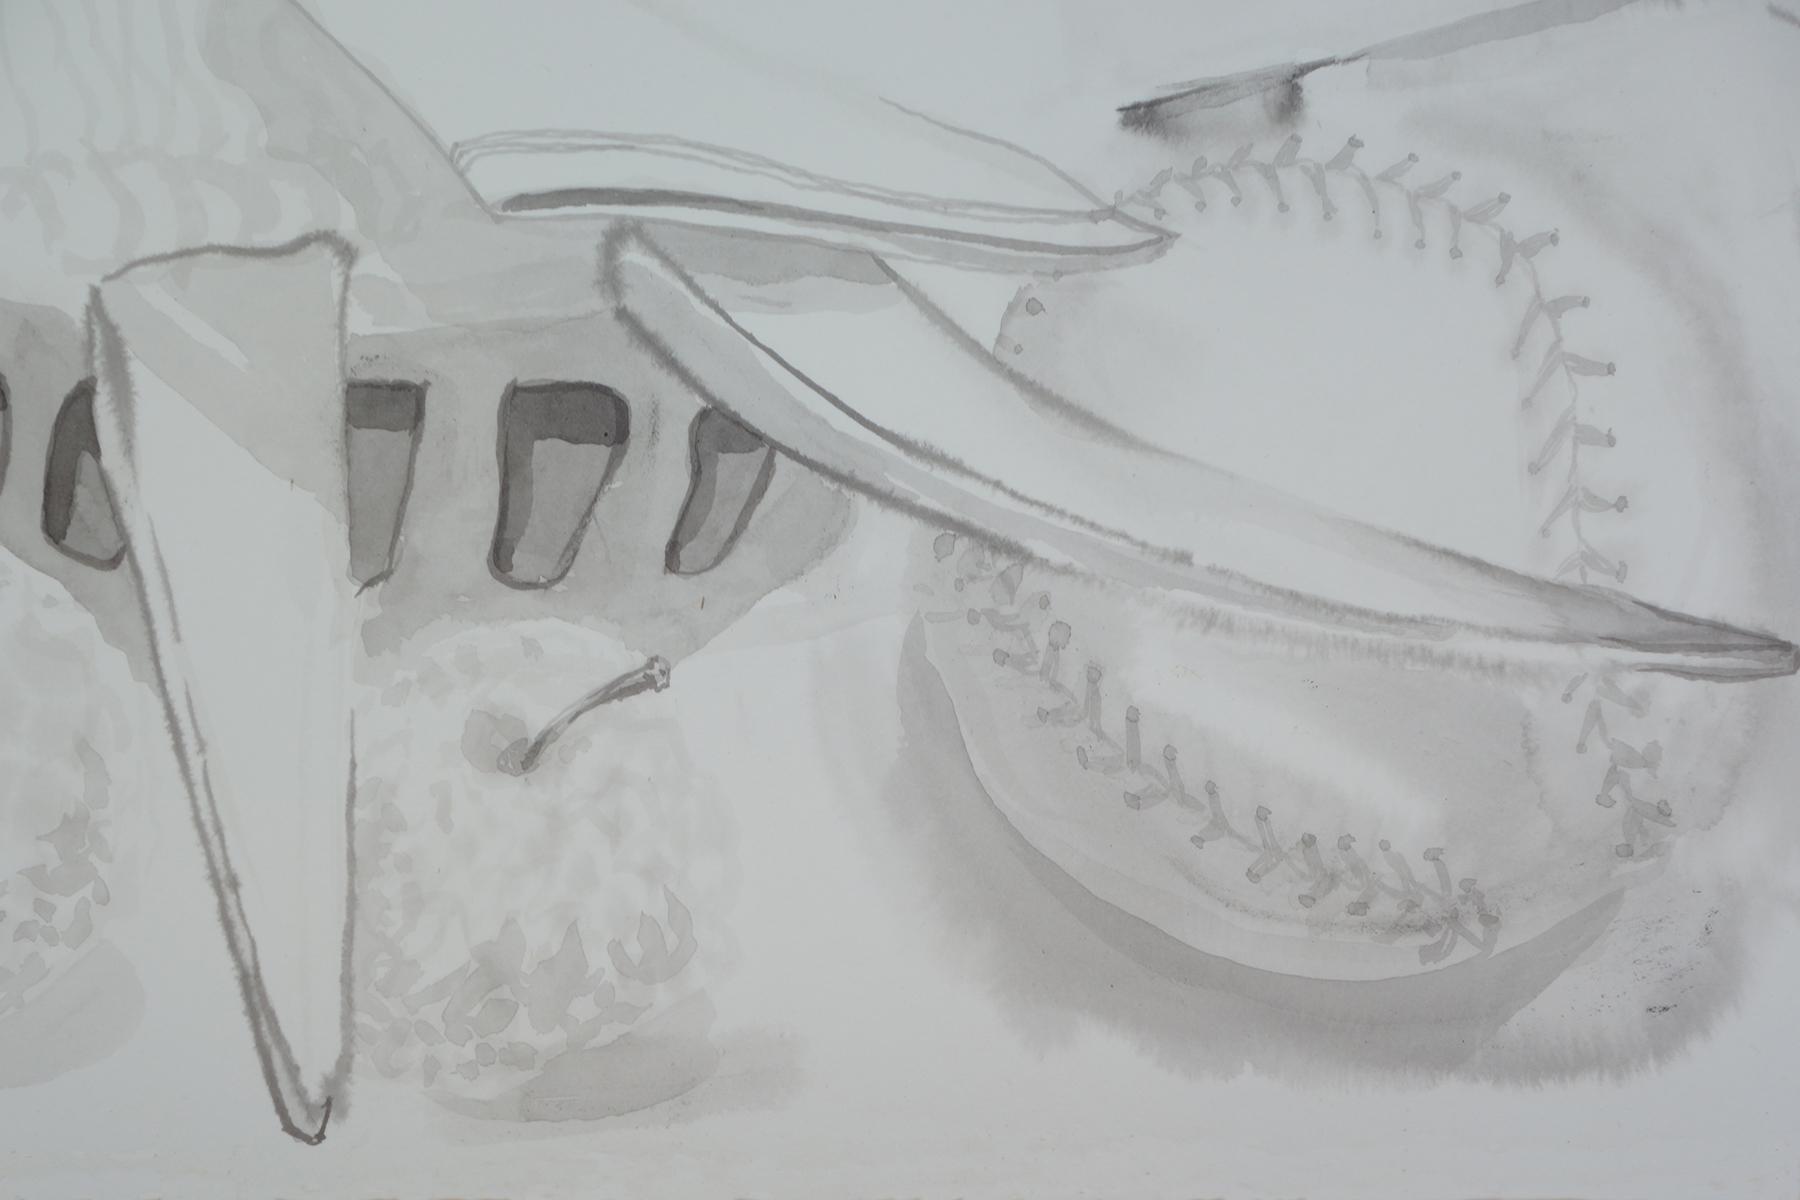 Detail of William Tell, 2016 (baseball)